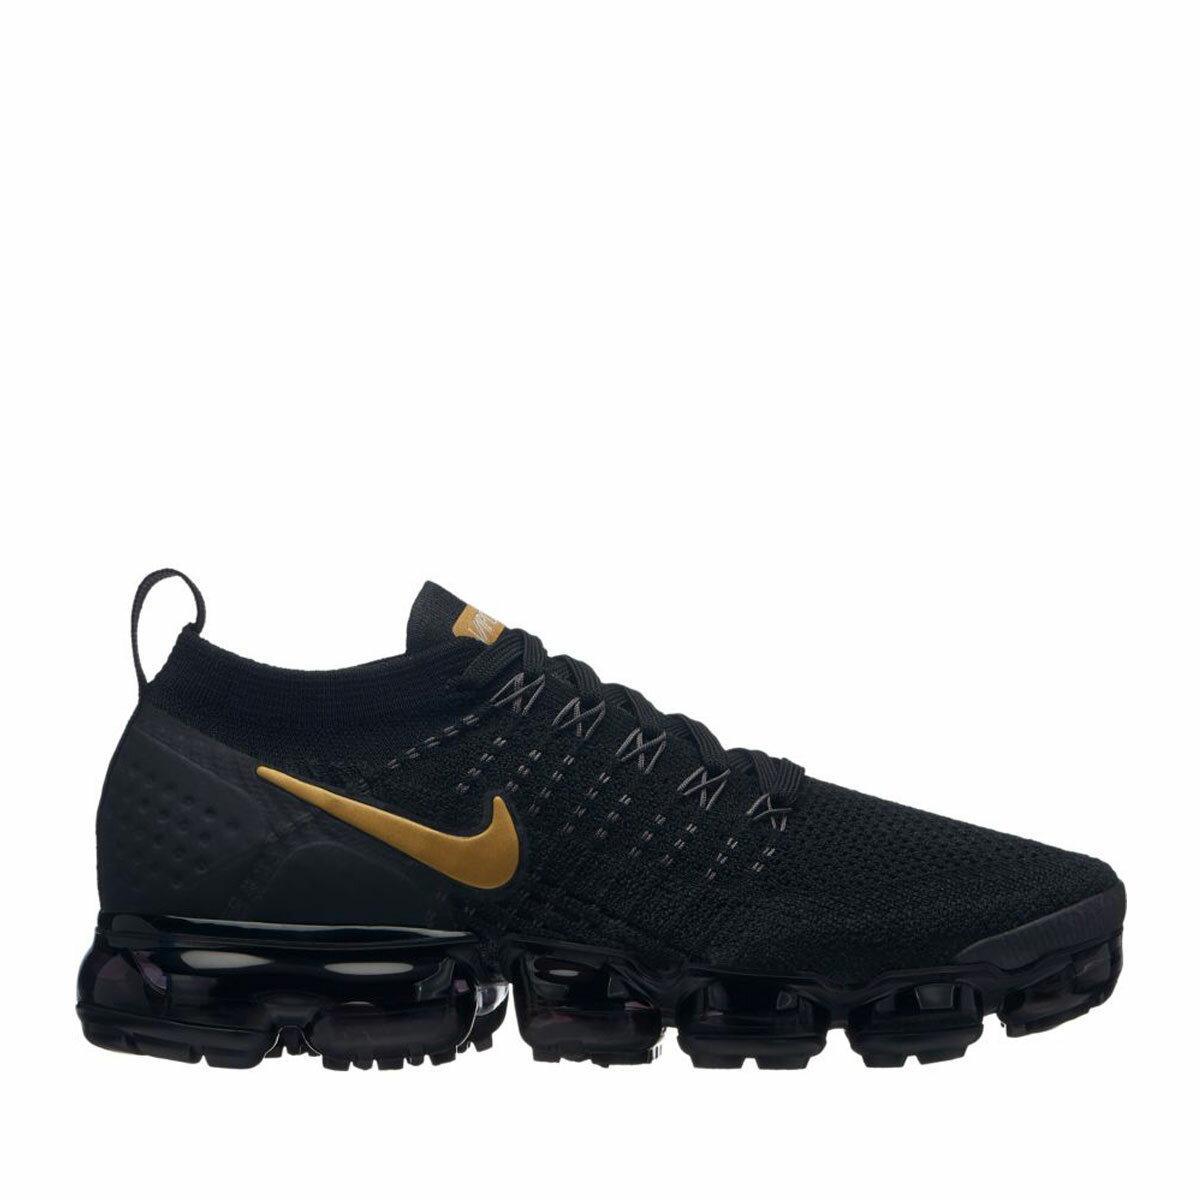 メンズ靴, スニーカー NIKE W AIR VAPORMAX FLYKNIT 2(BLACKMETALLIC GOLD-MTLC PLATINUM)( 2)18HO-I